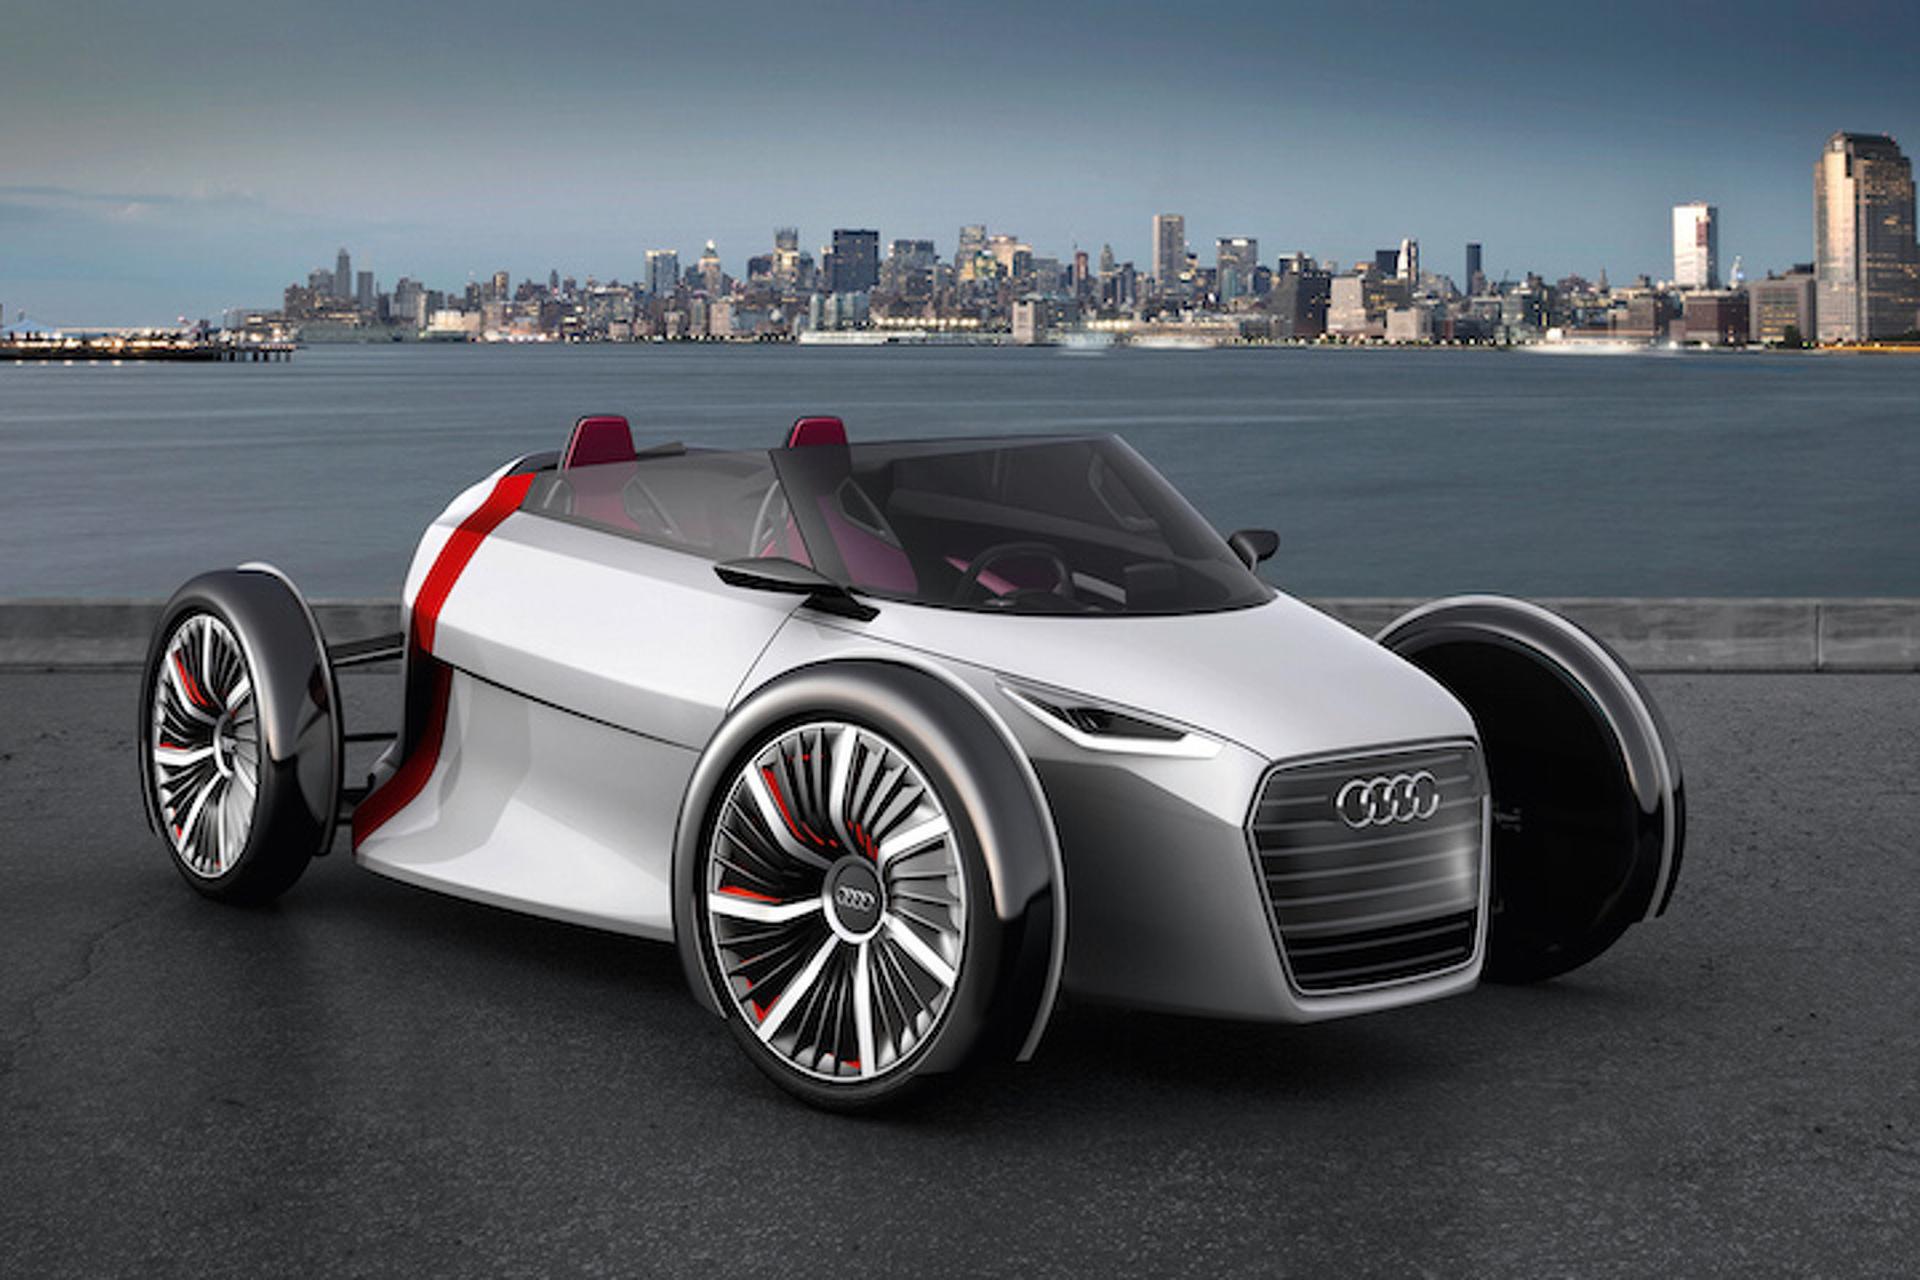 The Strangest Audi Concept Cars Ever Built - Audi car 7